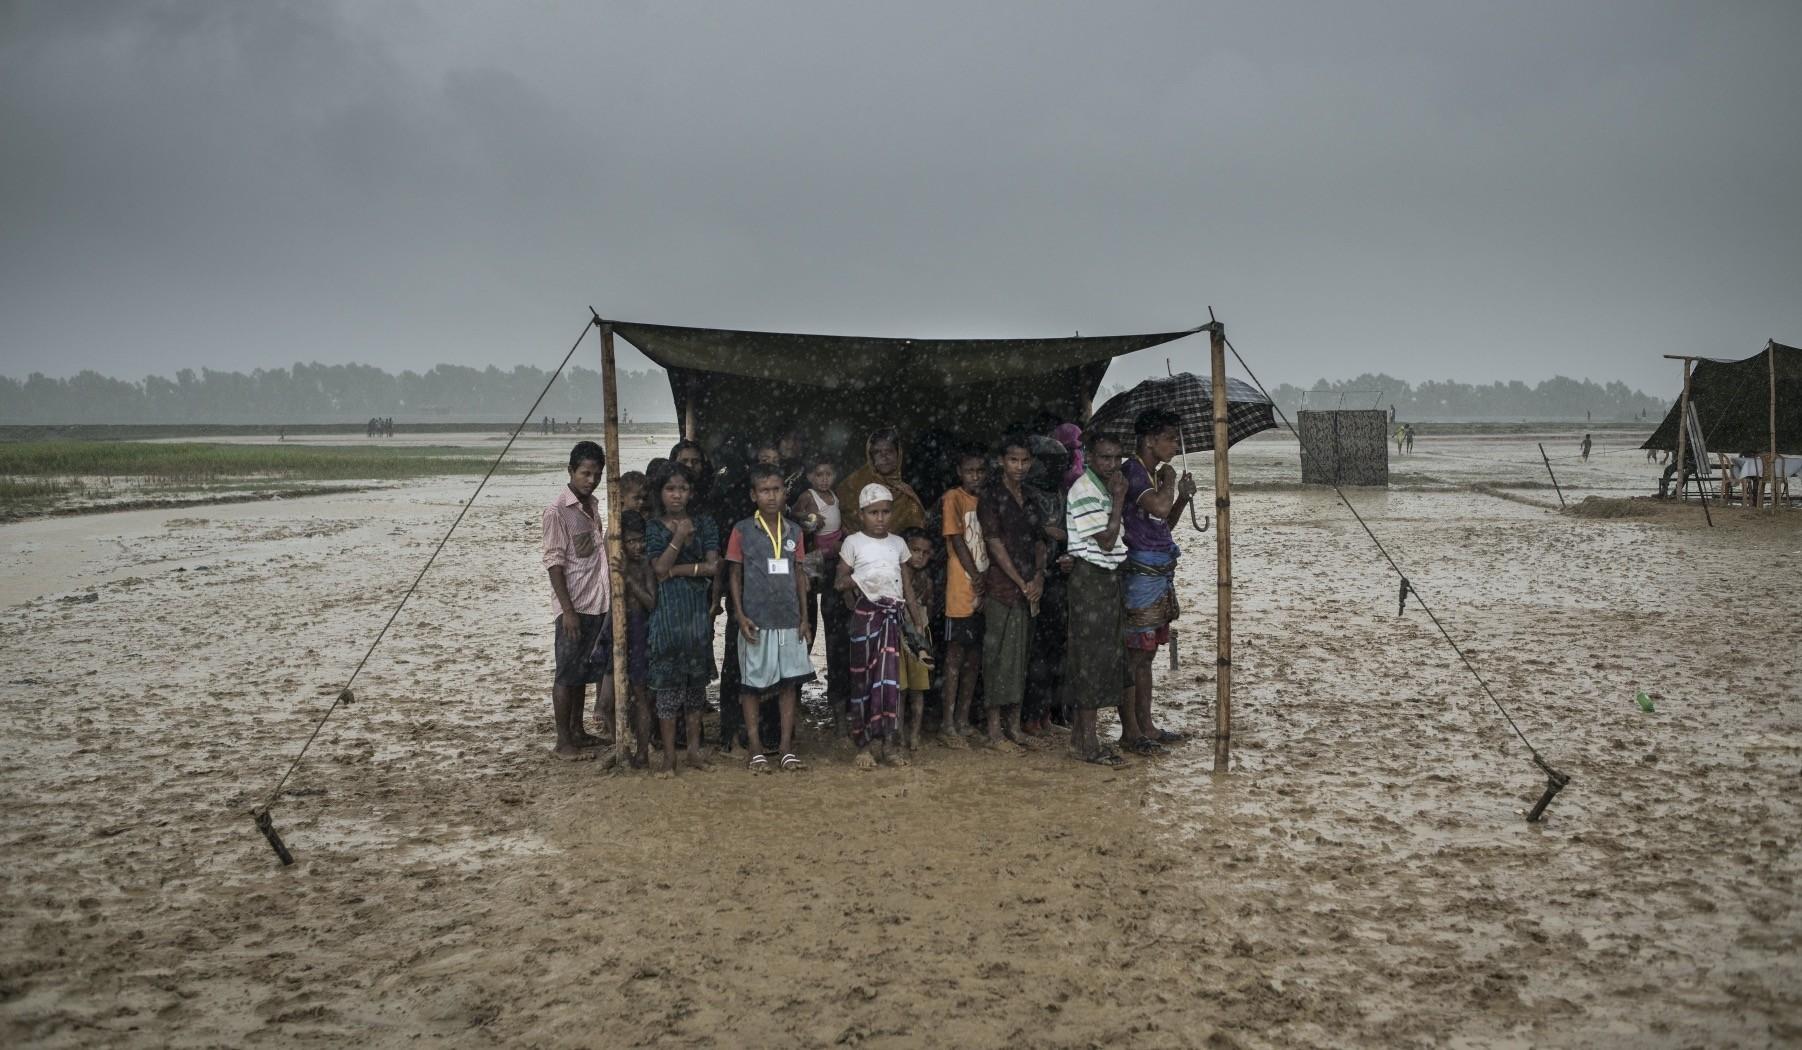 Rohingya Muslim refugees take shelter from the rain during a food distribution, Nayapara refugee camp, Ukhia, Bangladesh, Oct. 6, 2017.